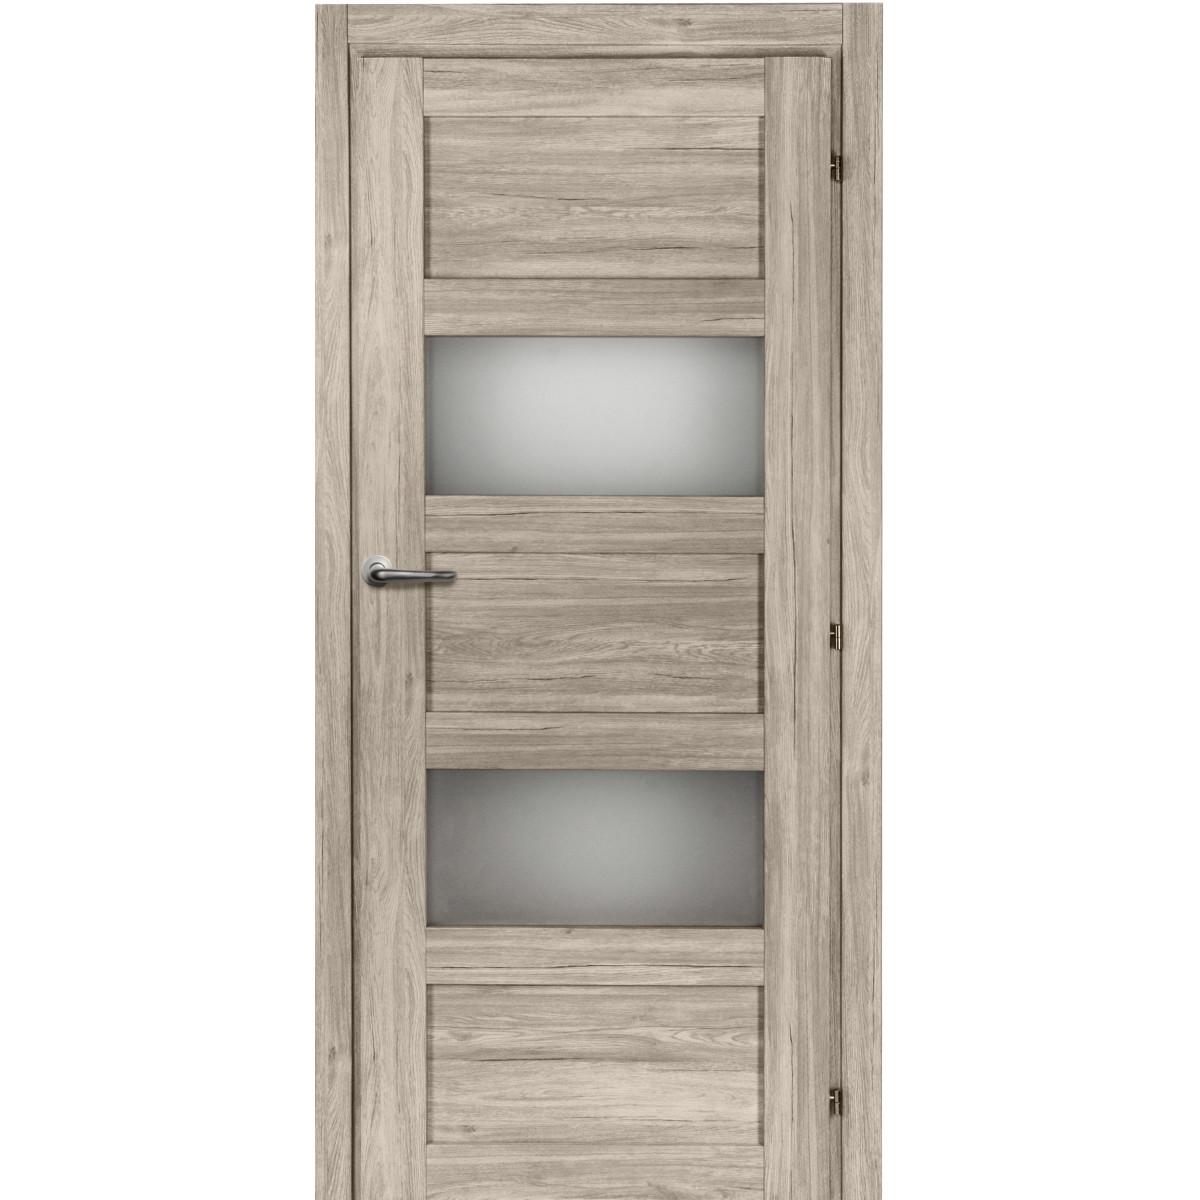 Дверь Межкомнатная Остеклённая Прэсто 90Х200 Пвх Цвет Дуб Санремо С Фурнитурой